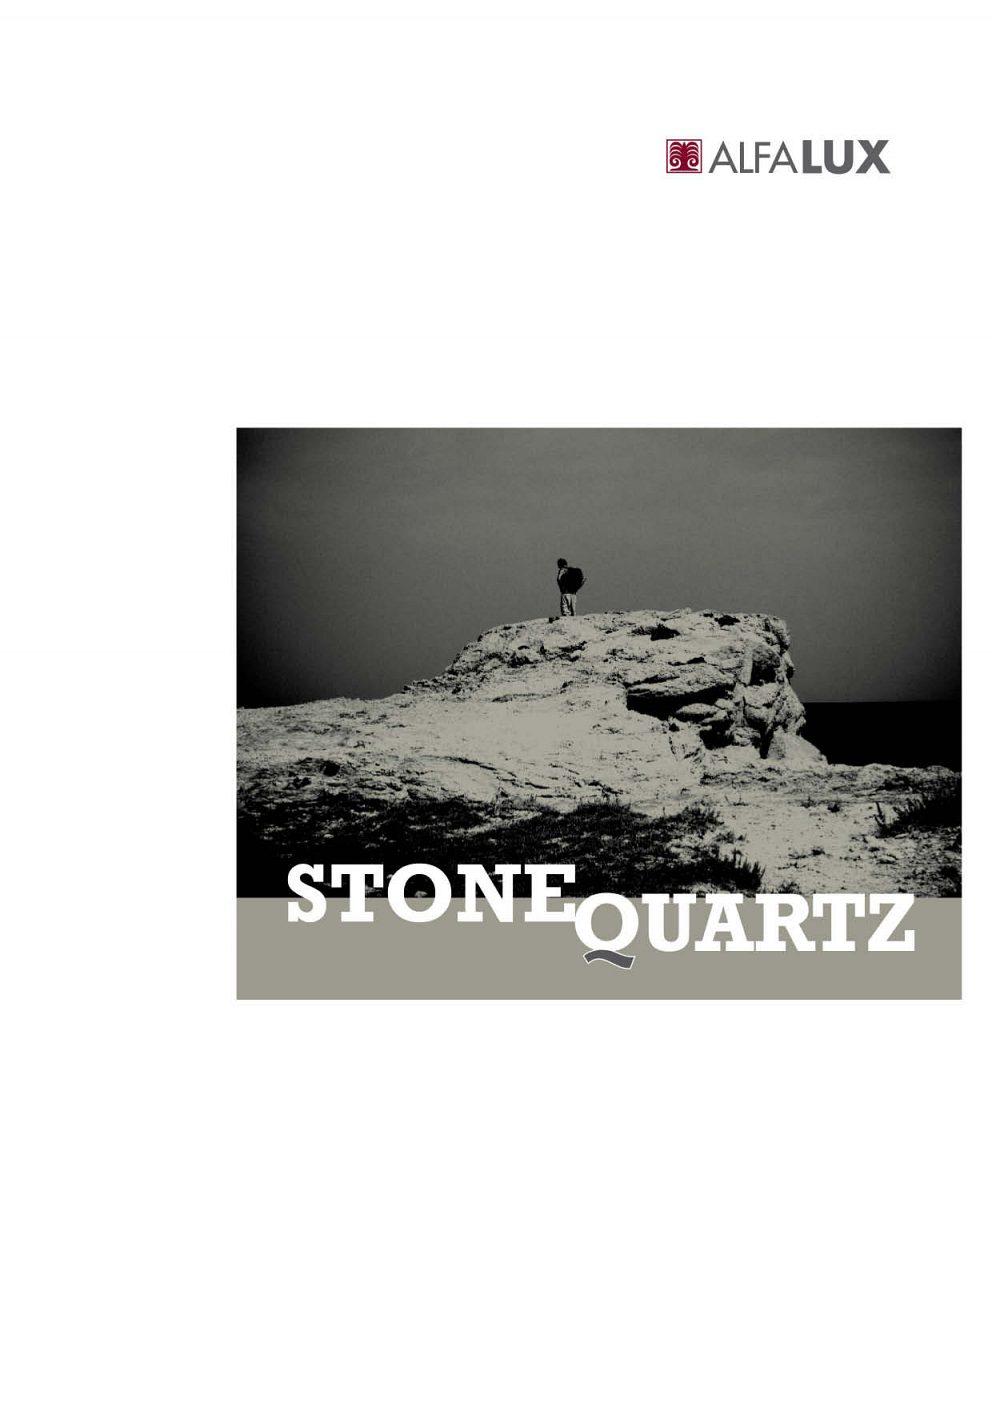 Alfalux - Stonequartu